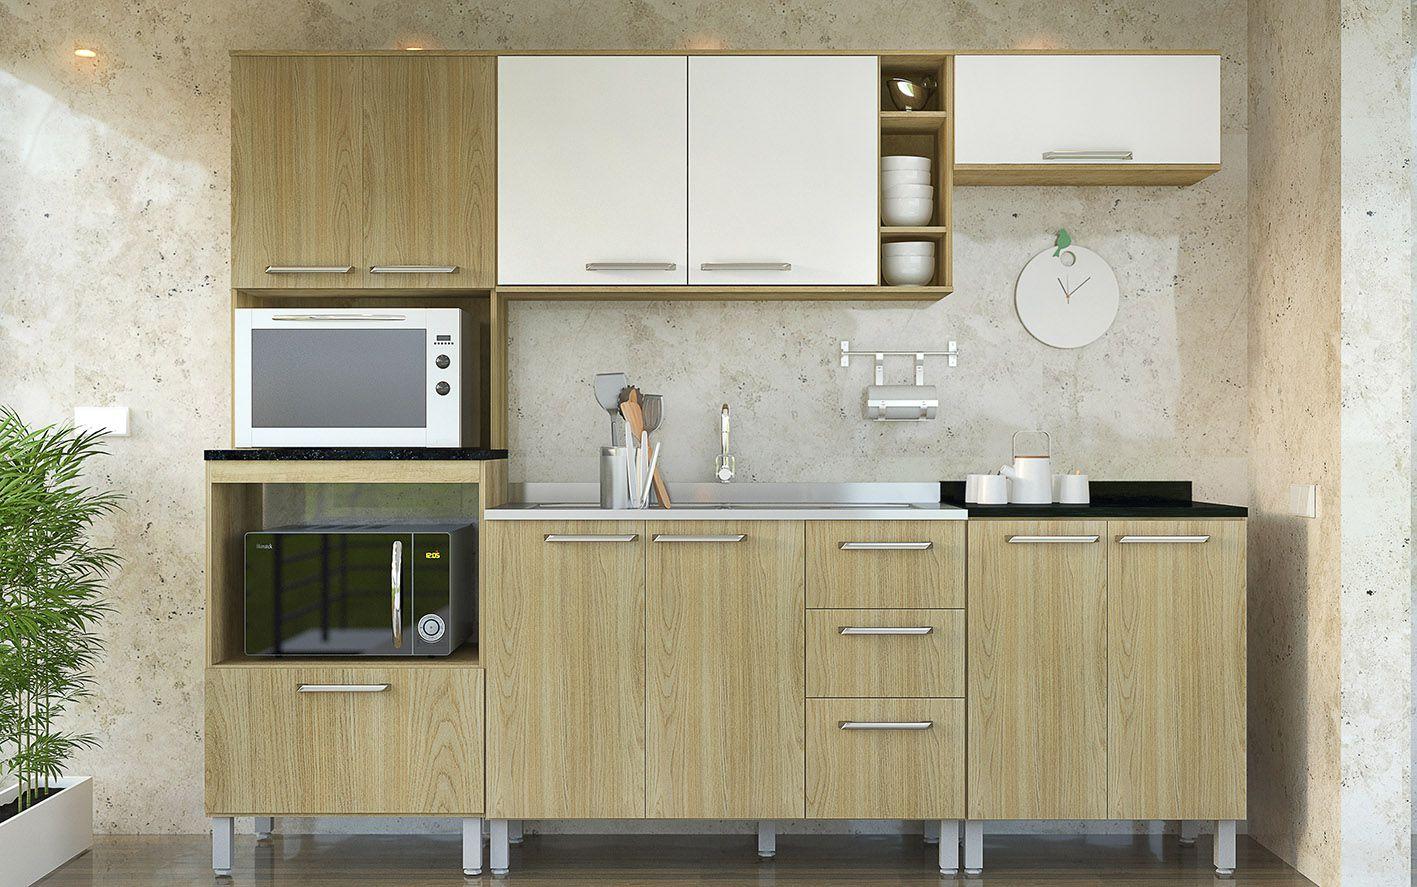 Cozinha Modulada Lara 1 - 5 Peças com Nicho - Luciane